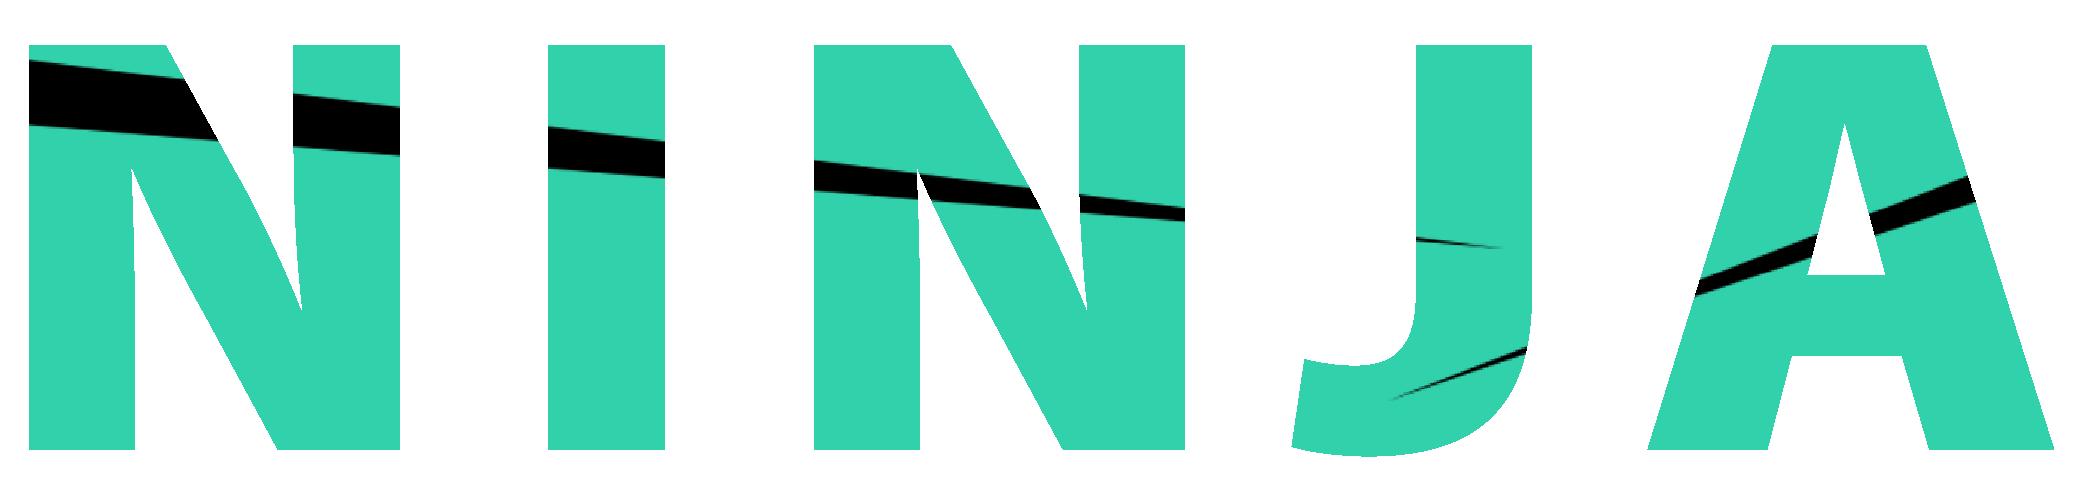 ninja-logo-01.png